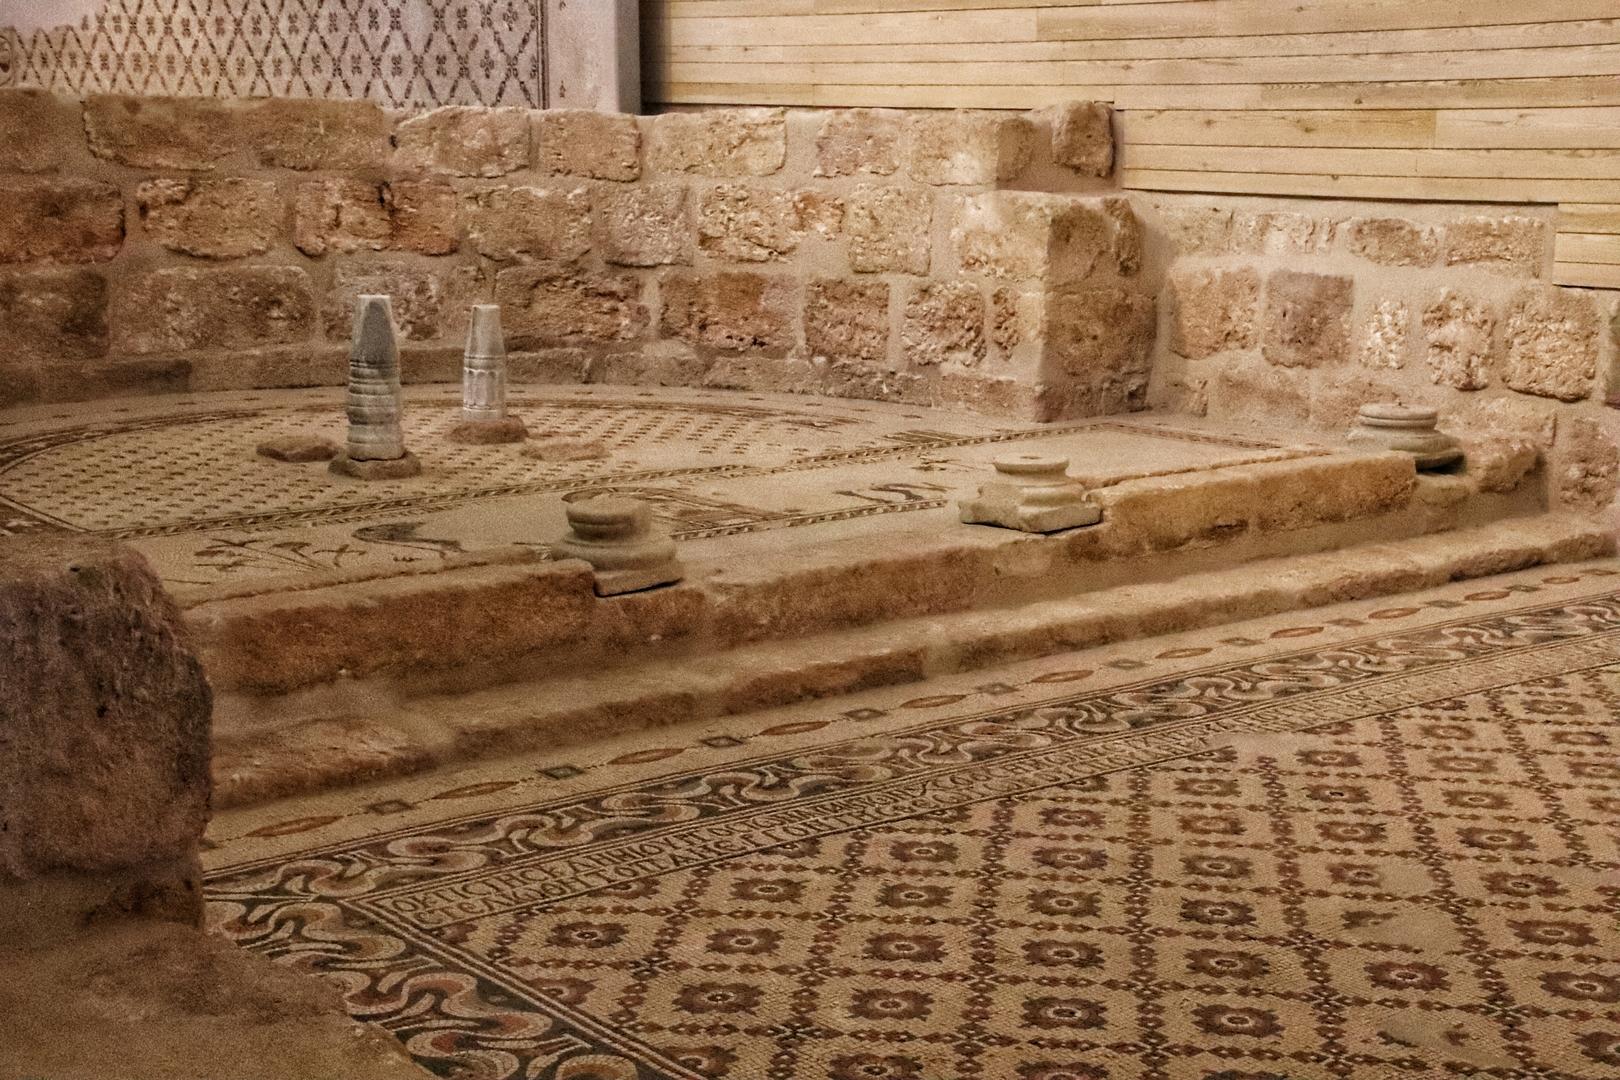 Jordanie - Mosaiques dans l'église du Mont Nebo